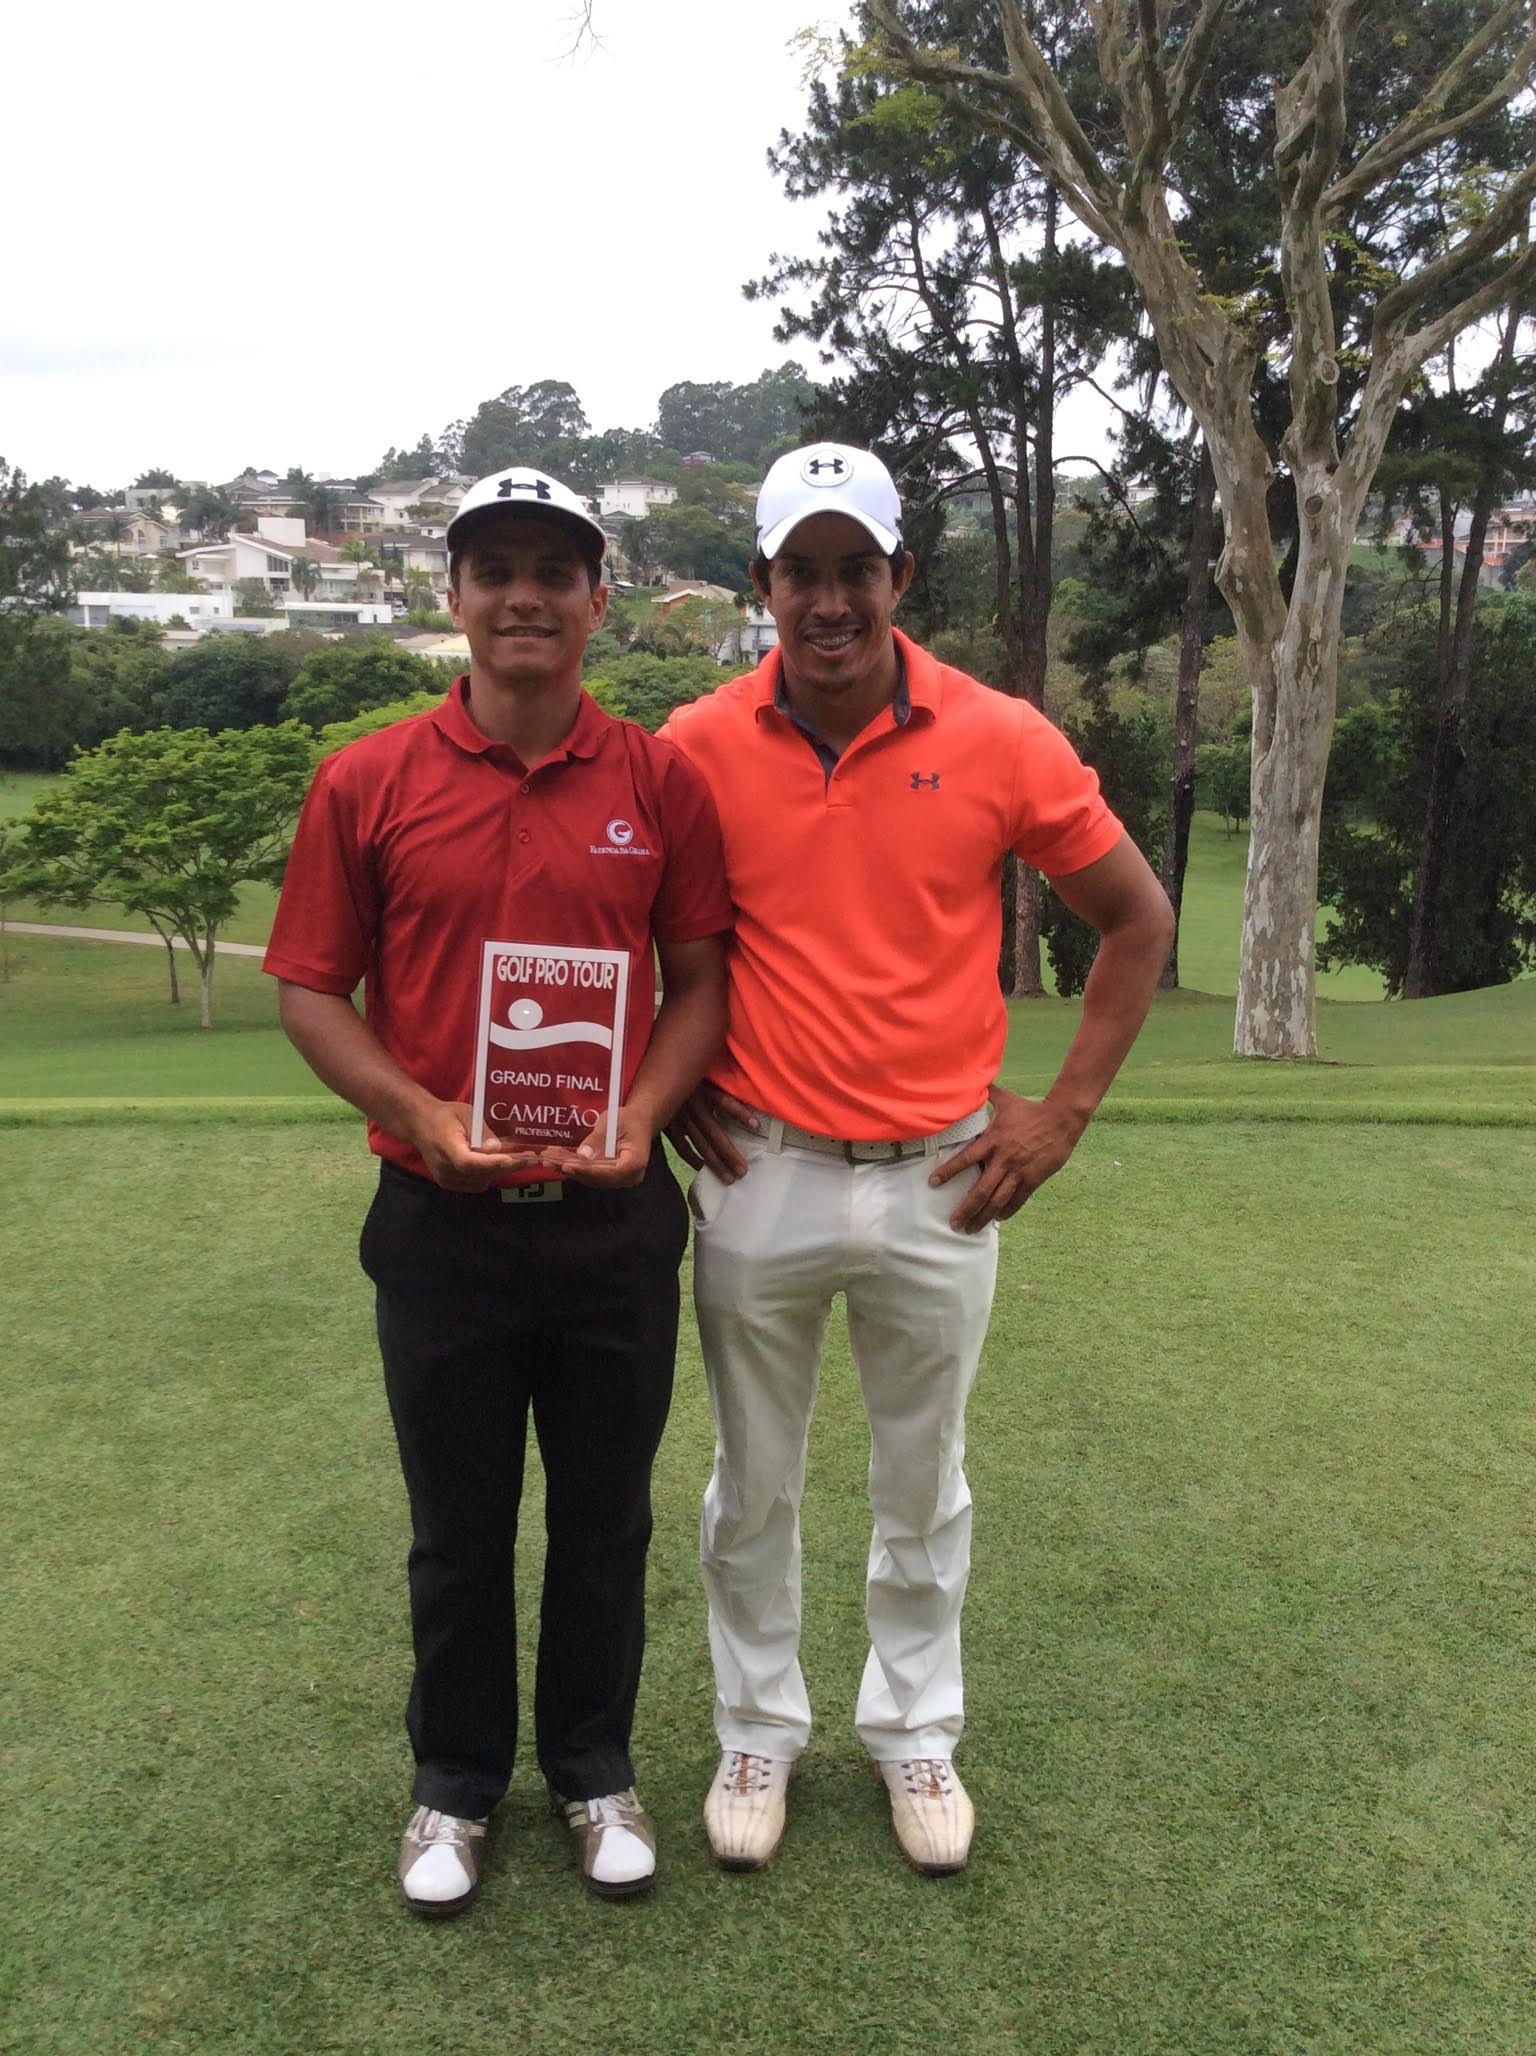 Axell dos Santos vence o Golf Pro Tour no São Fernando Golf Club